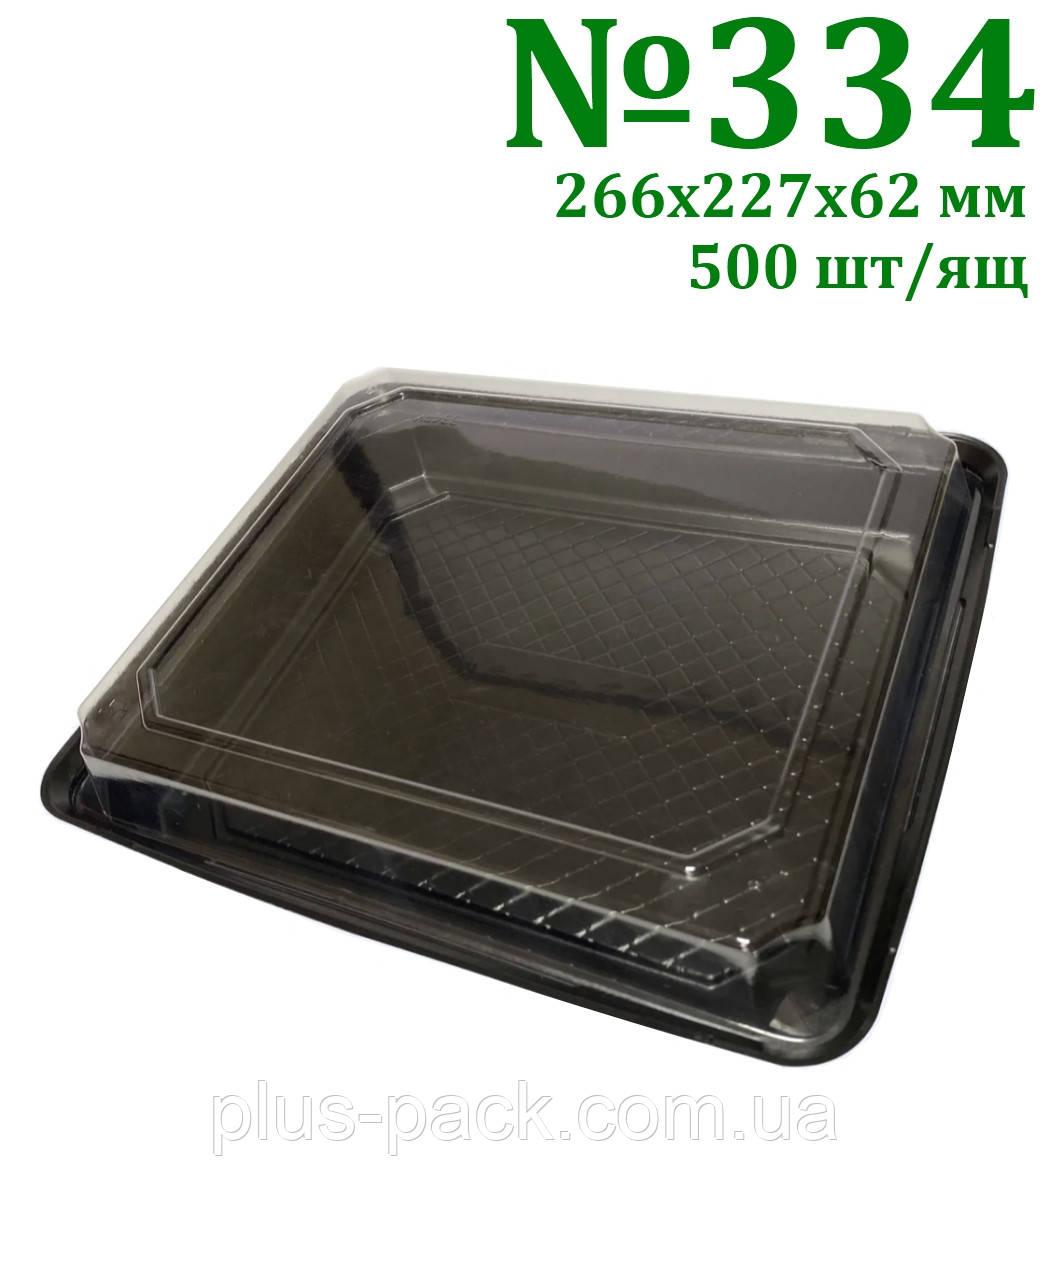 Блистерная одноразовая упаковка для суши и роллов 334 дч